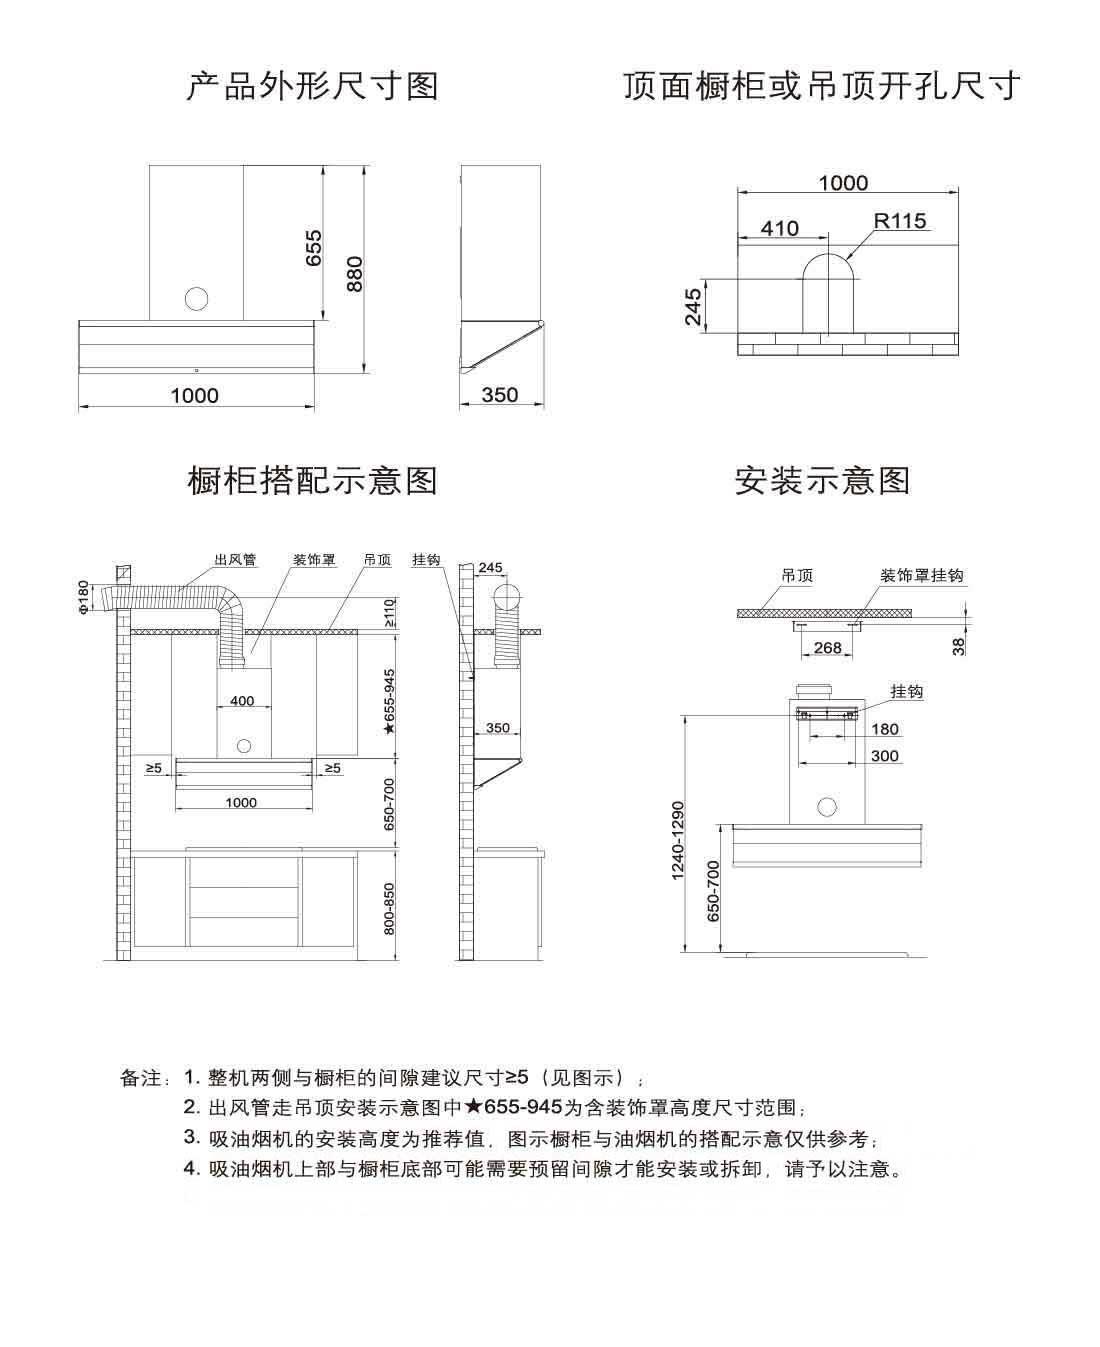 彩28彩票CXW-358-Z3T-M装置表示图